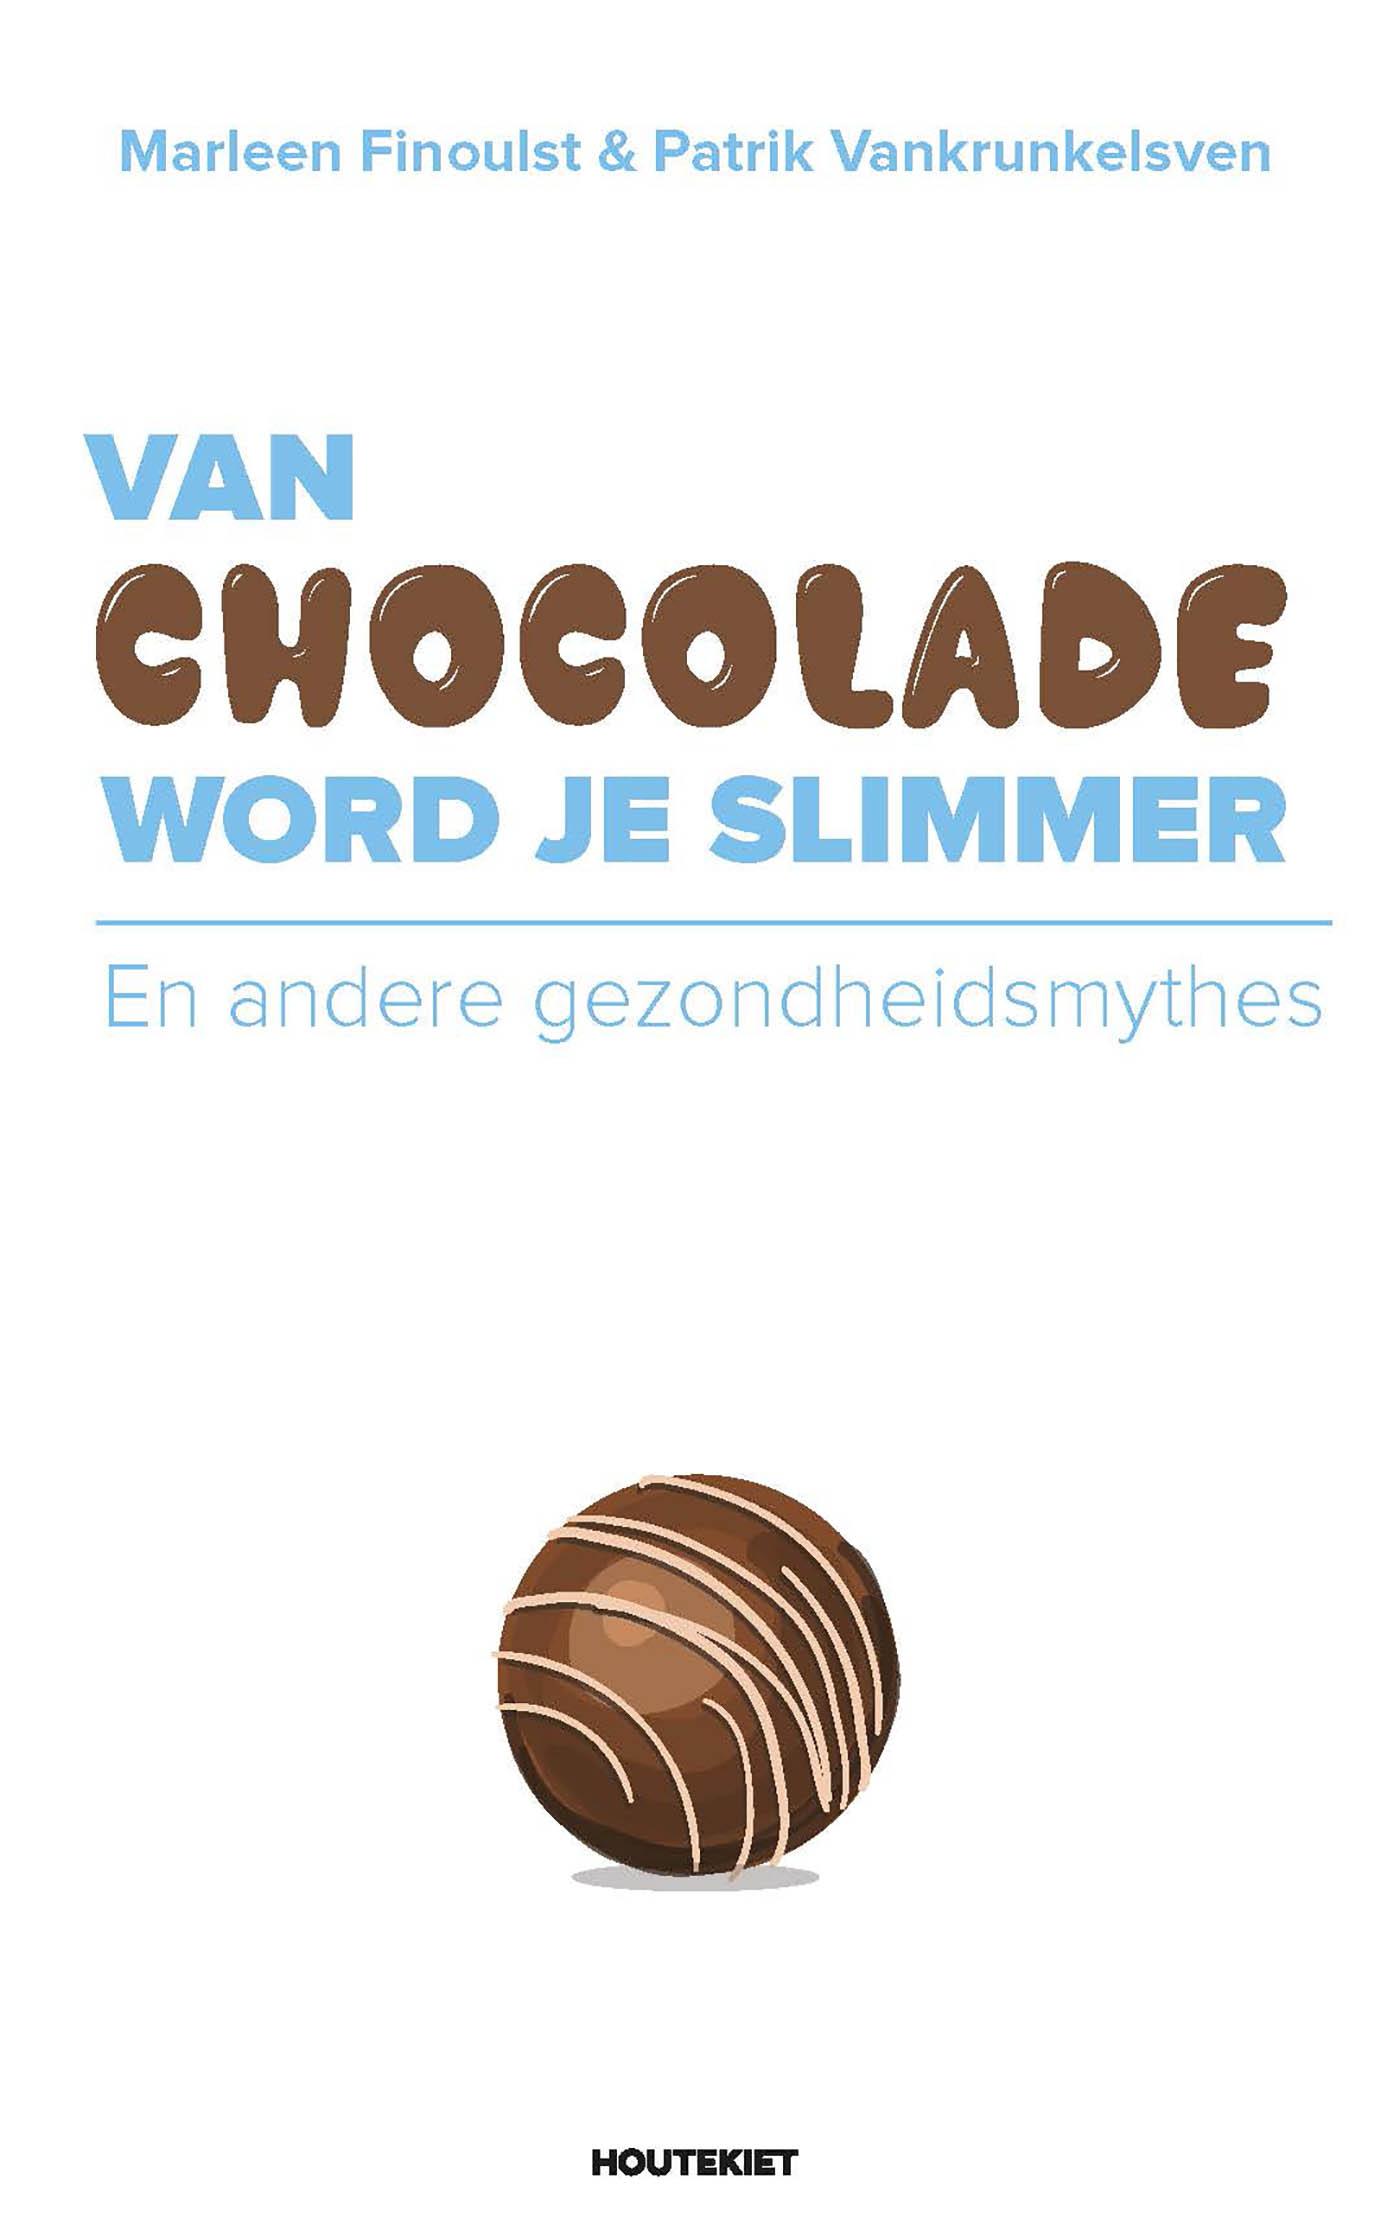 Van chocolade word je slimmer